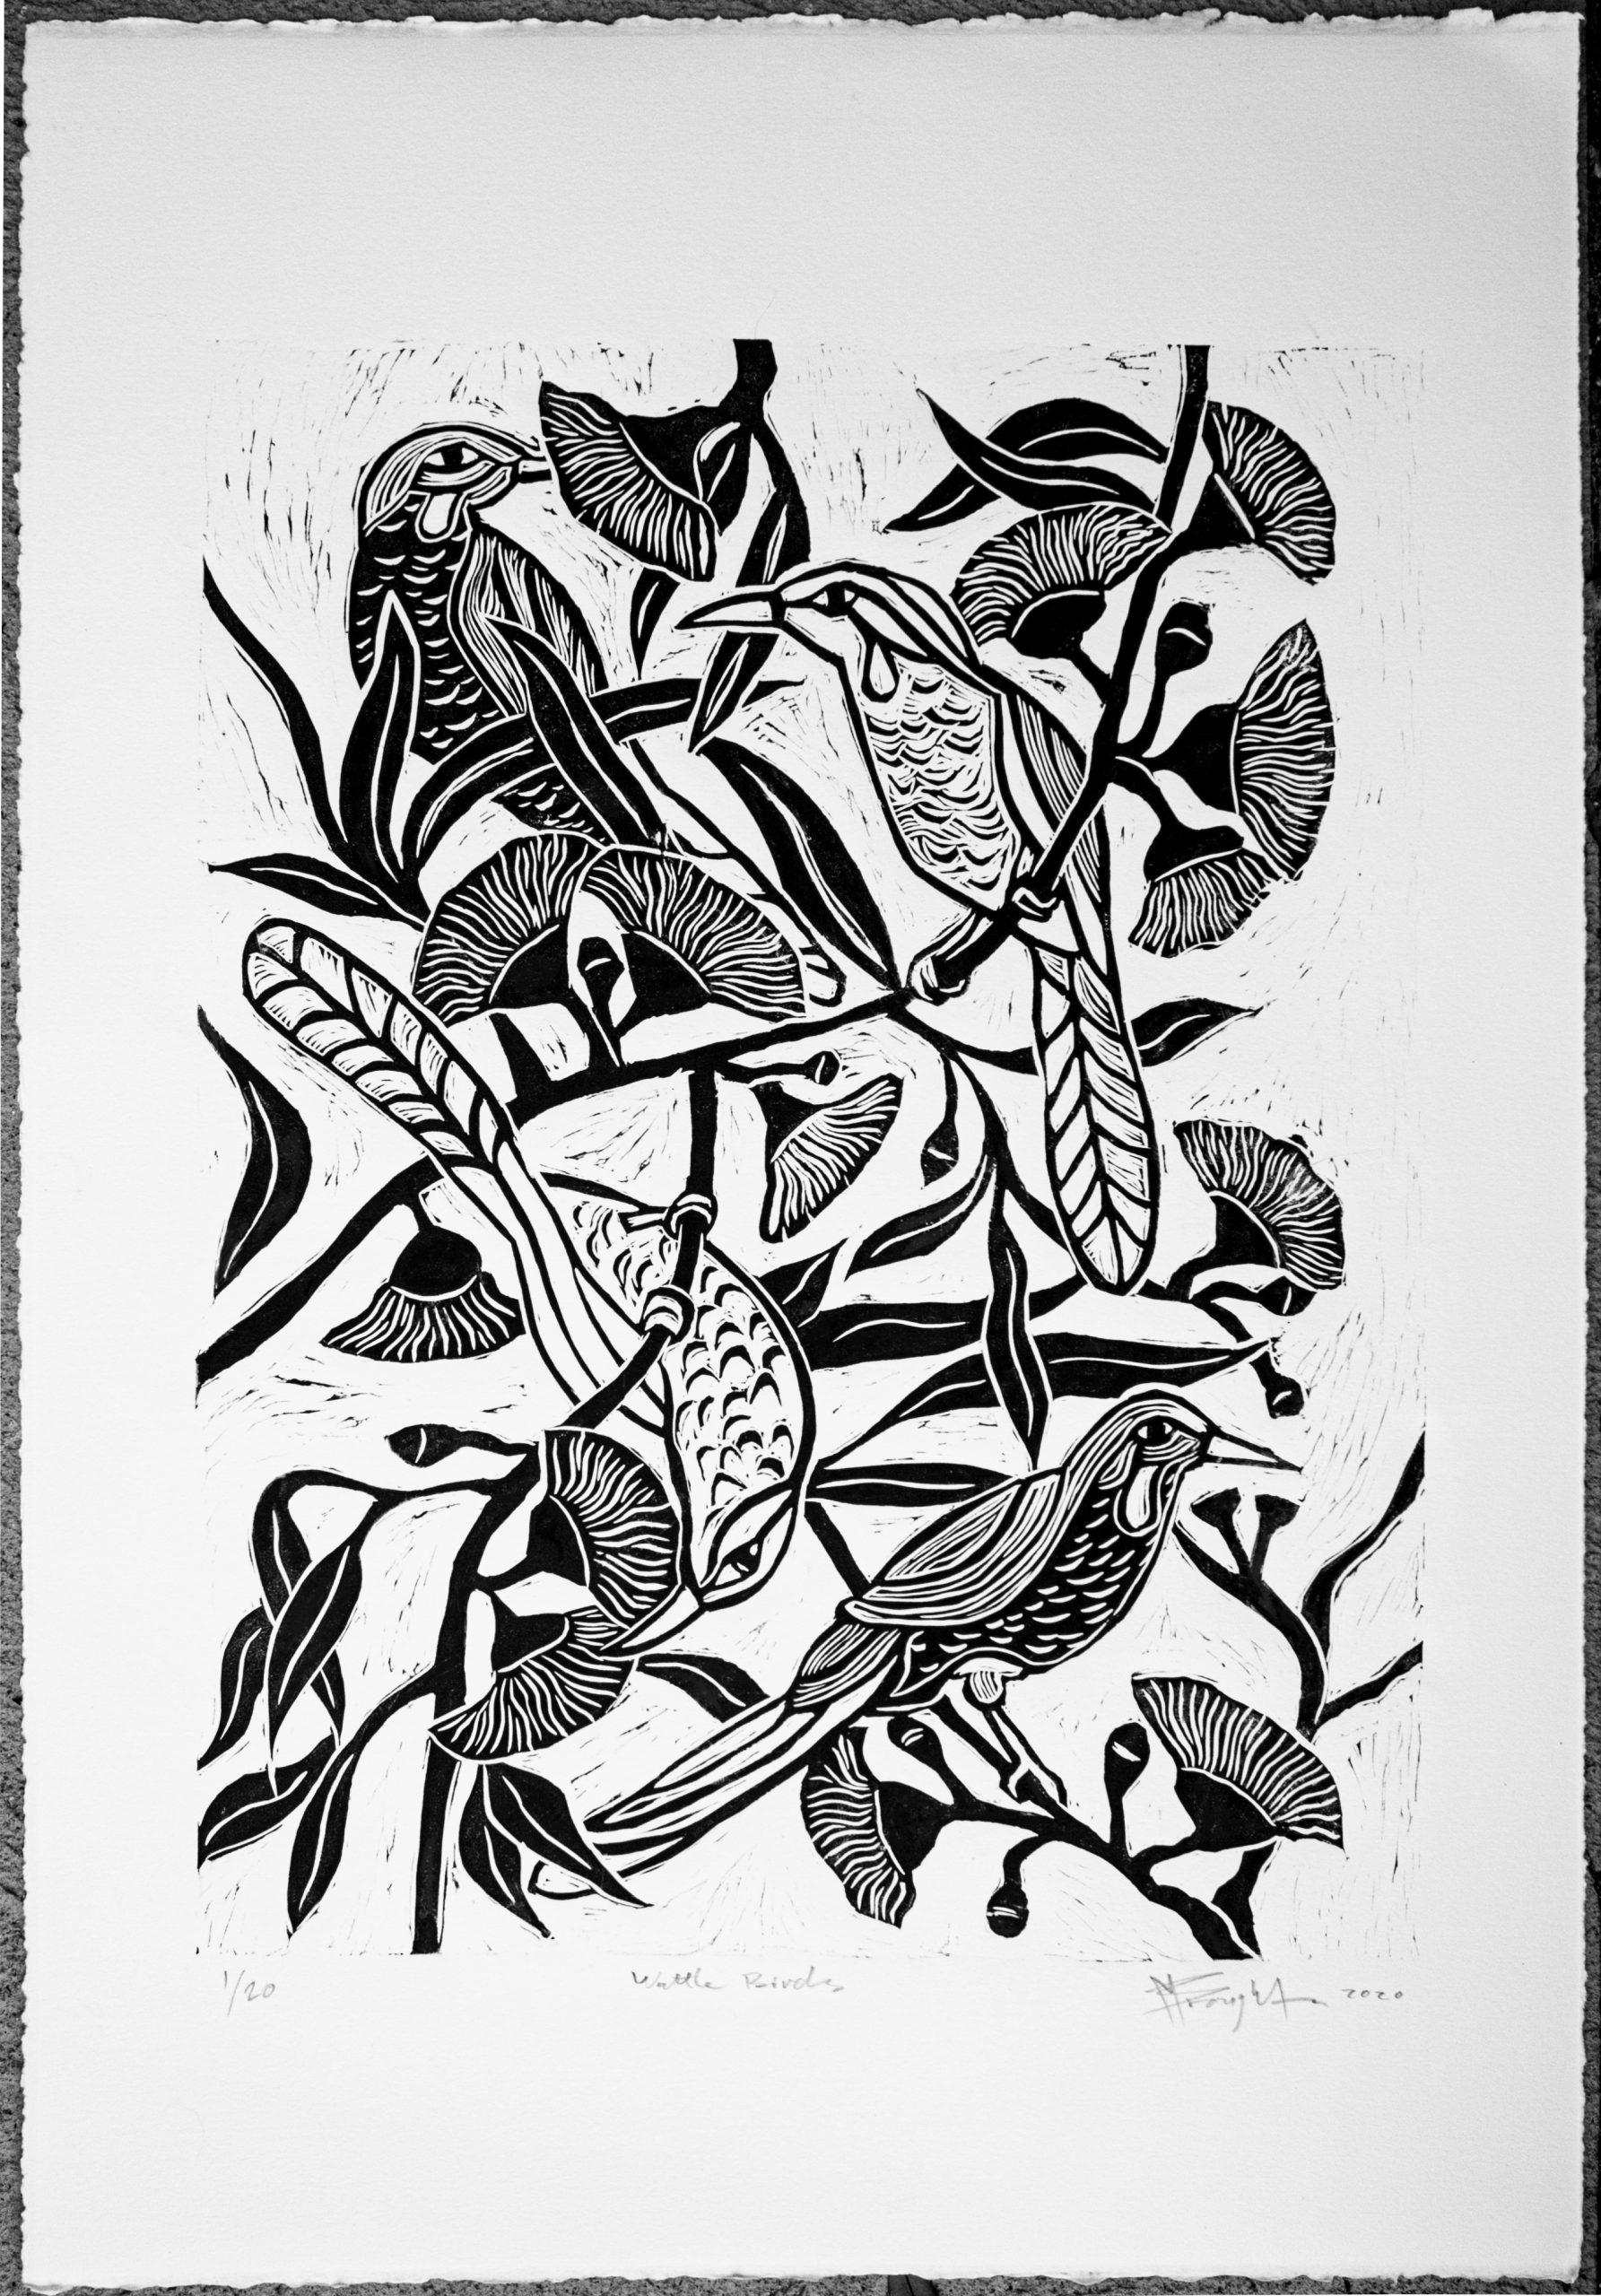 Wattle Birds Linocut Print